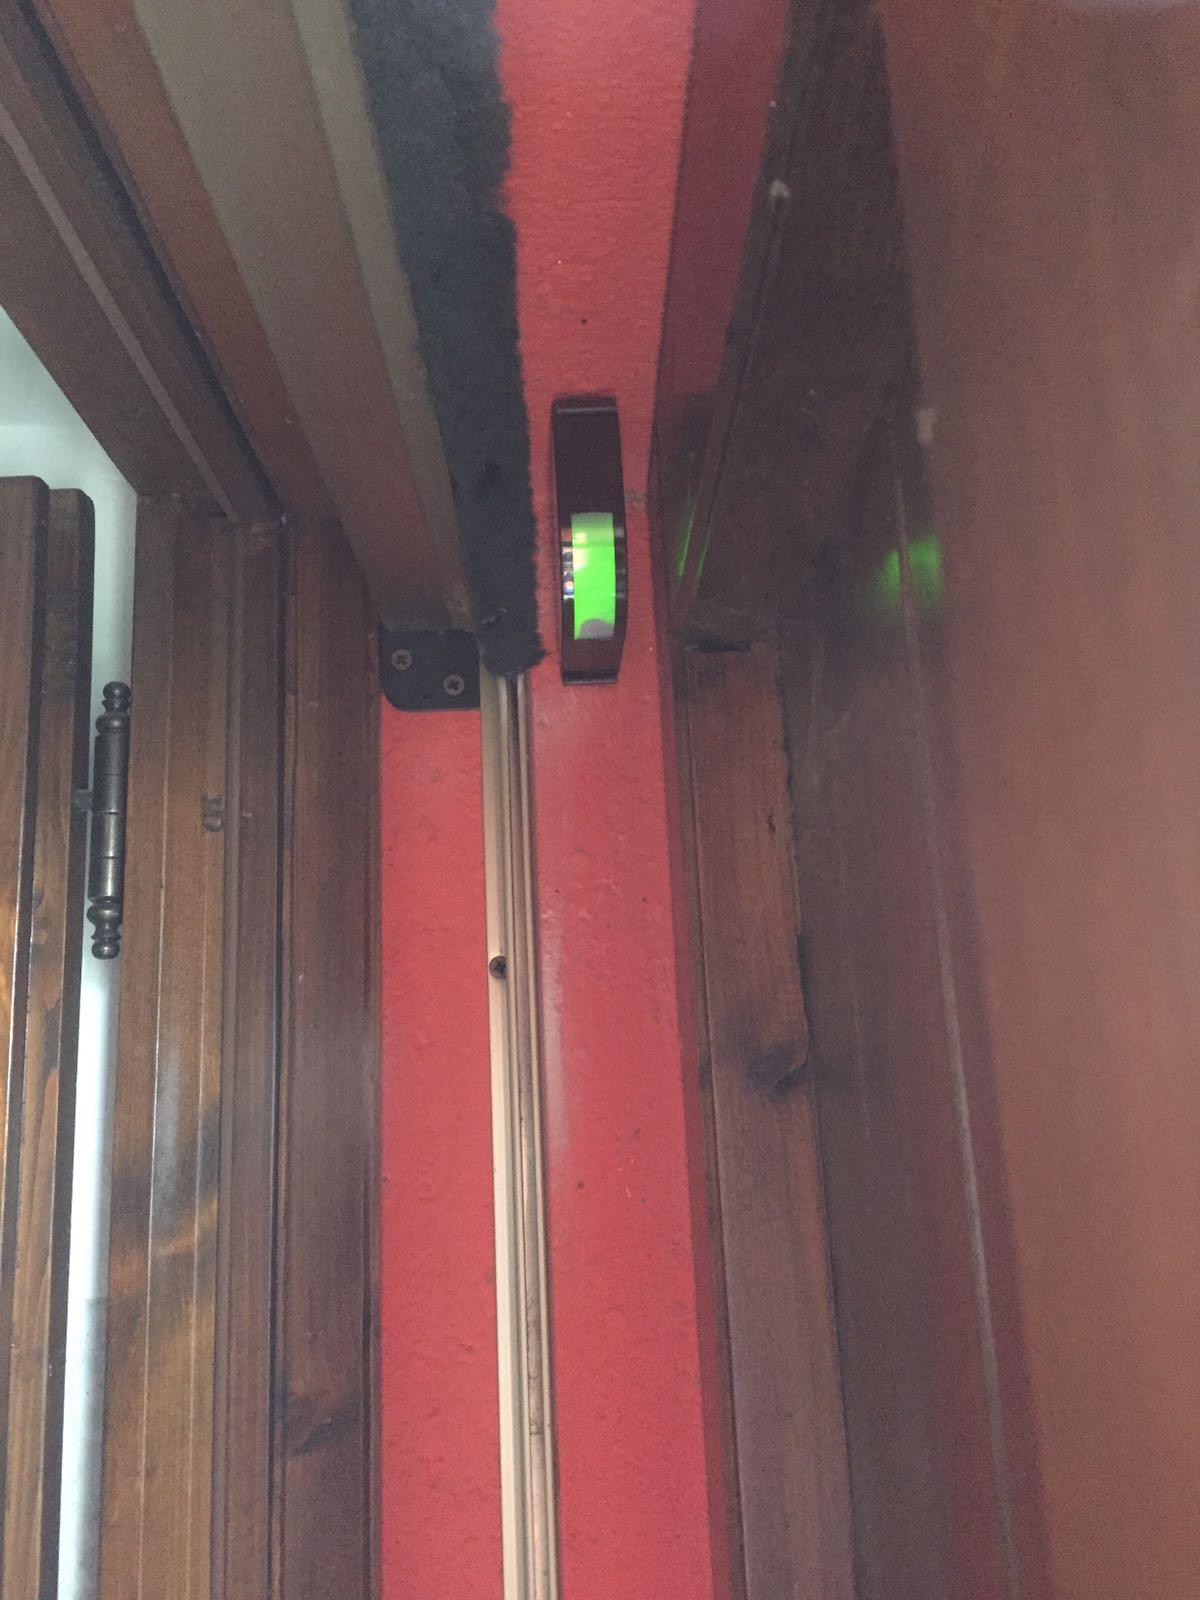 Allarme casa impianto di sicurezza e1 falcoalarm - Impianto di allarme casa ...